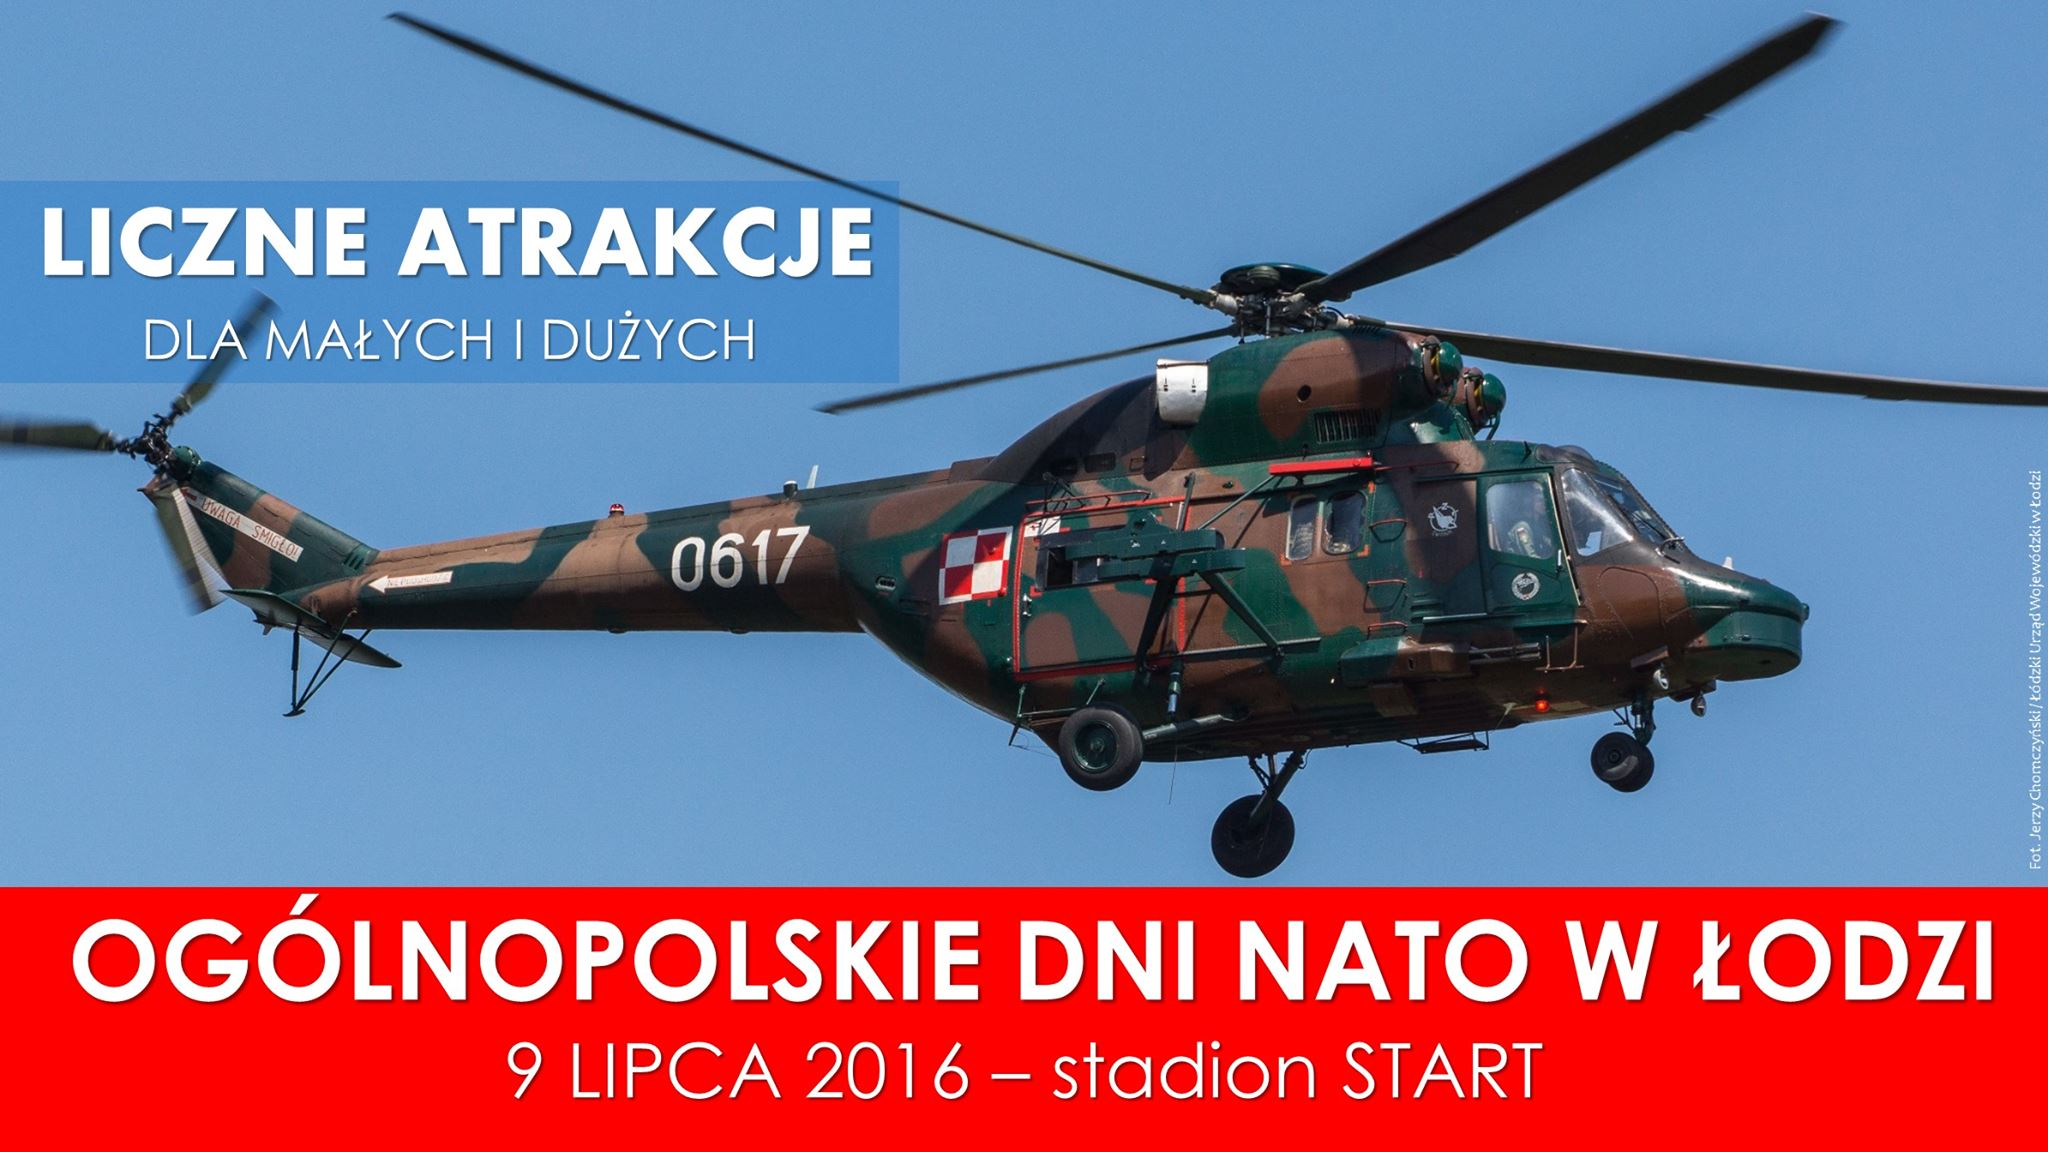 Ogółnopolskie Dni NATO w Łodzi - piknik